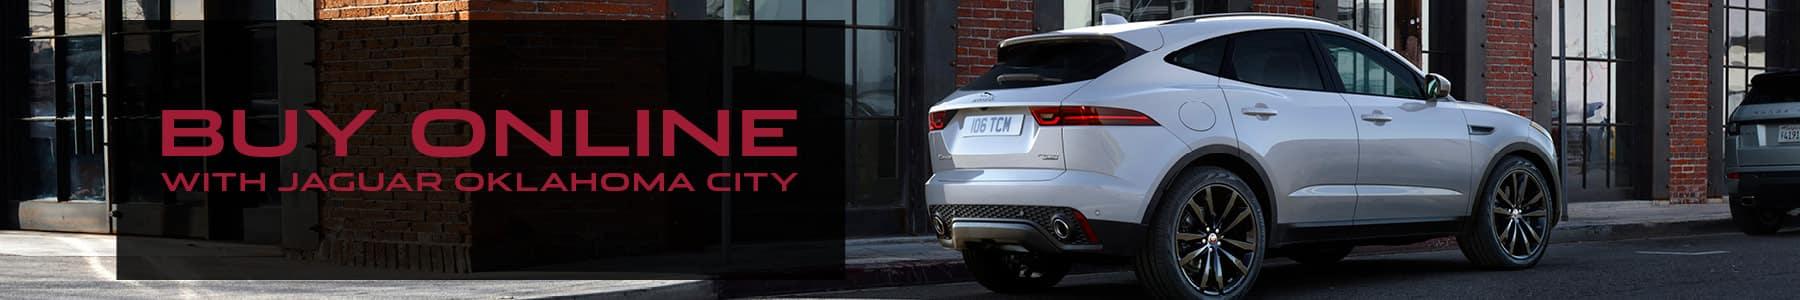 Jaguars for Sale Online Banner